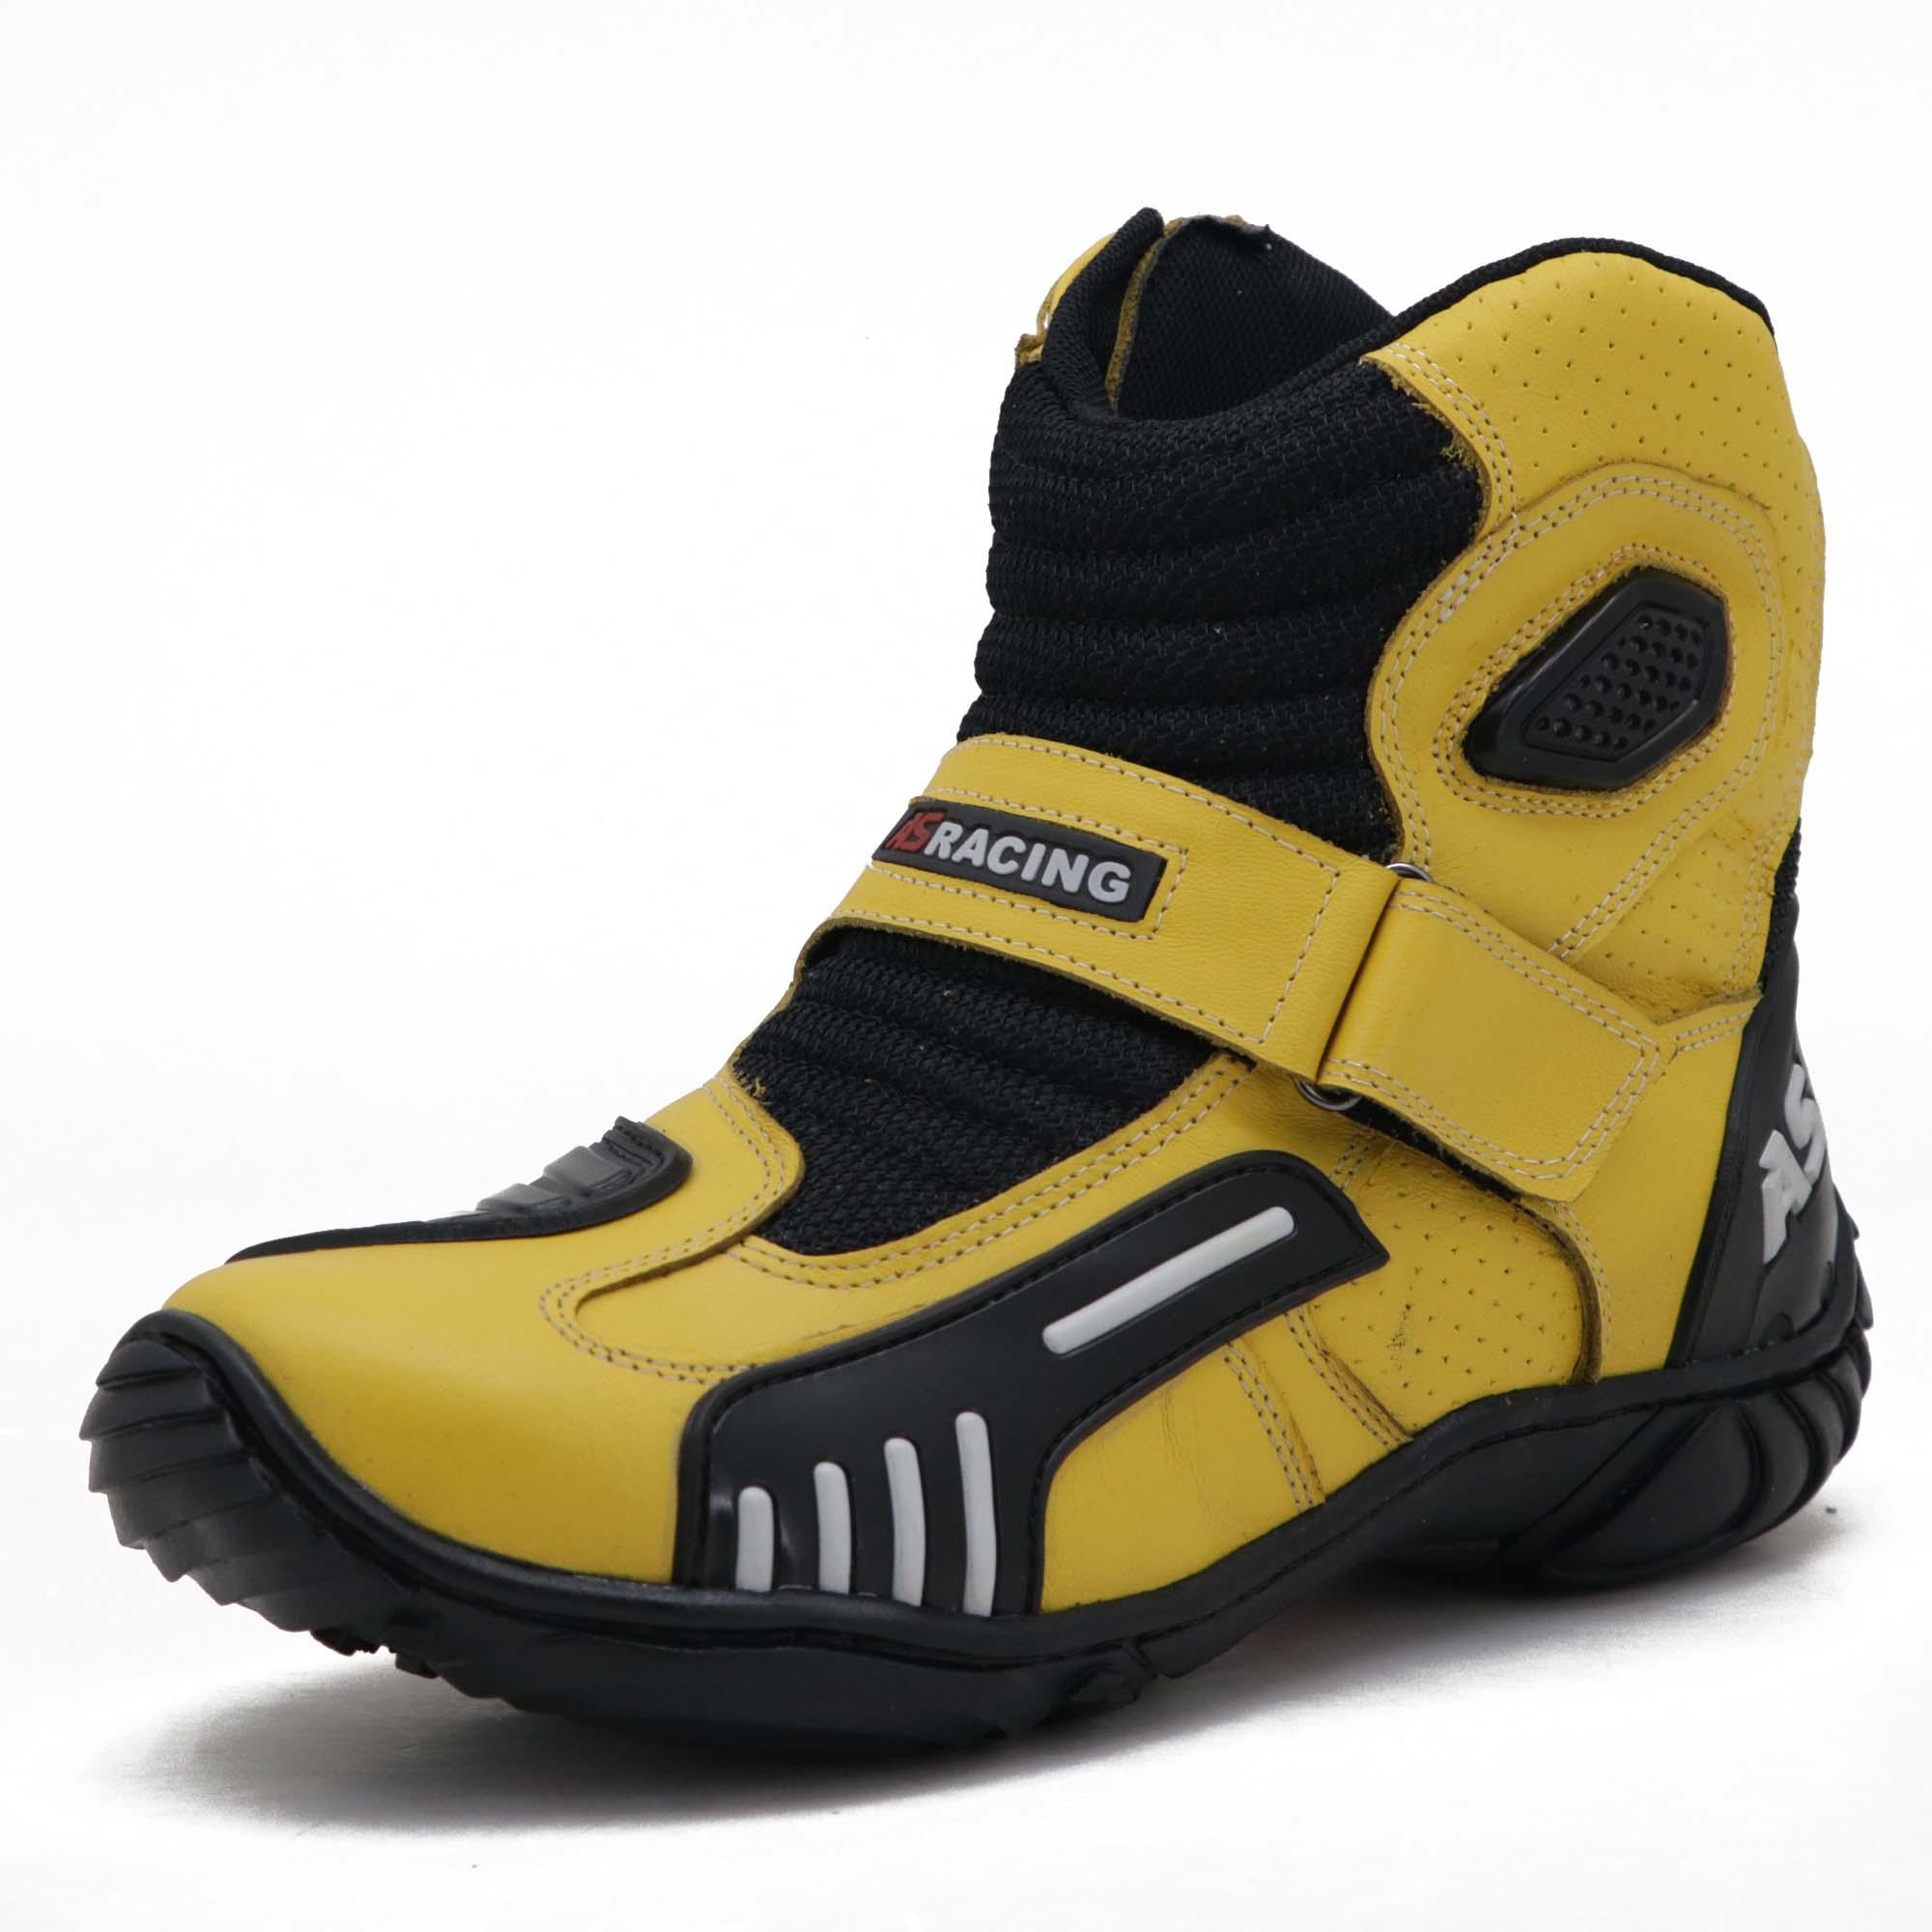 Bota motociclista AS-RACING Vented em couro legítimo na cor Amarelo